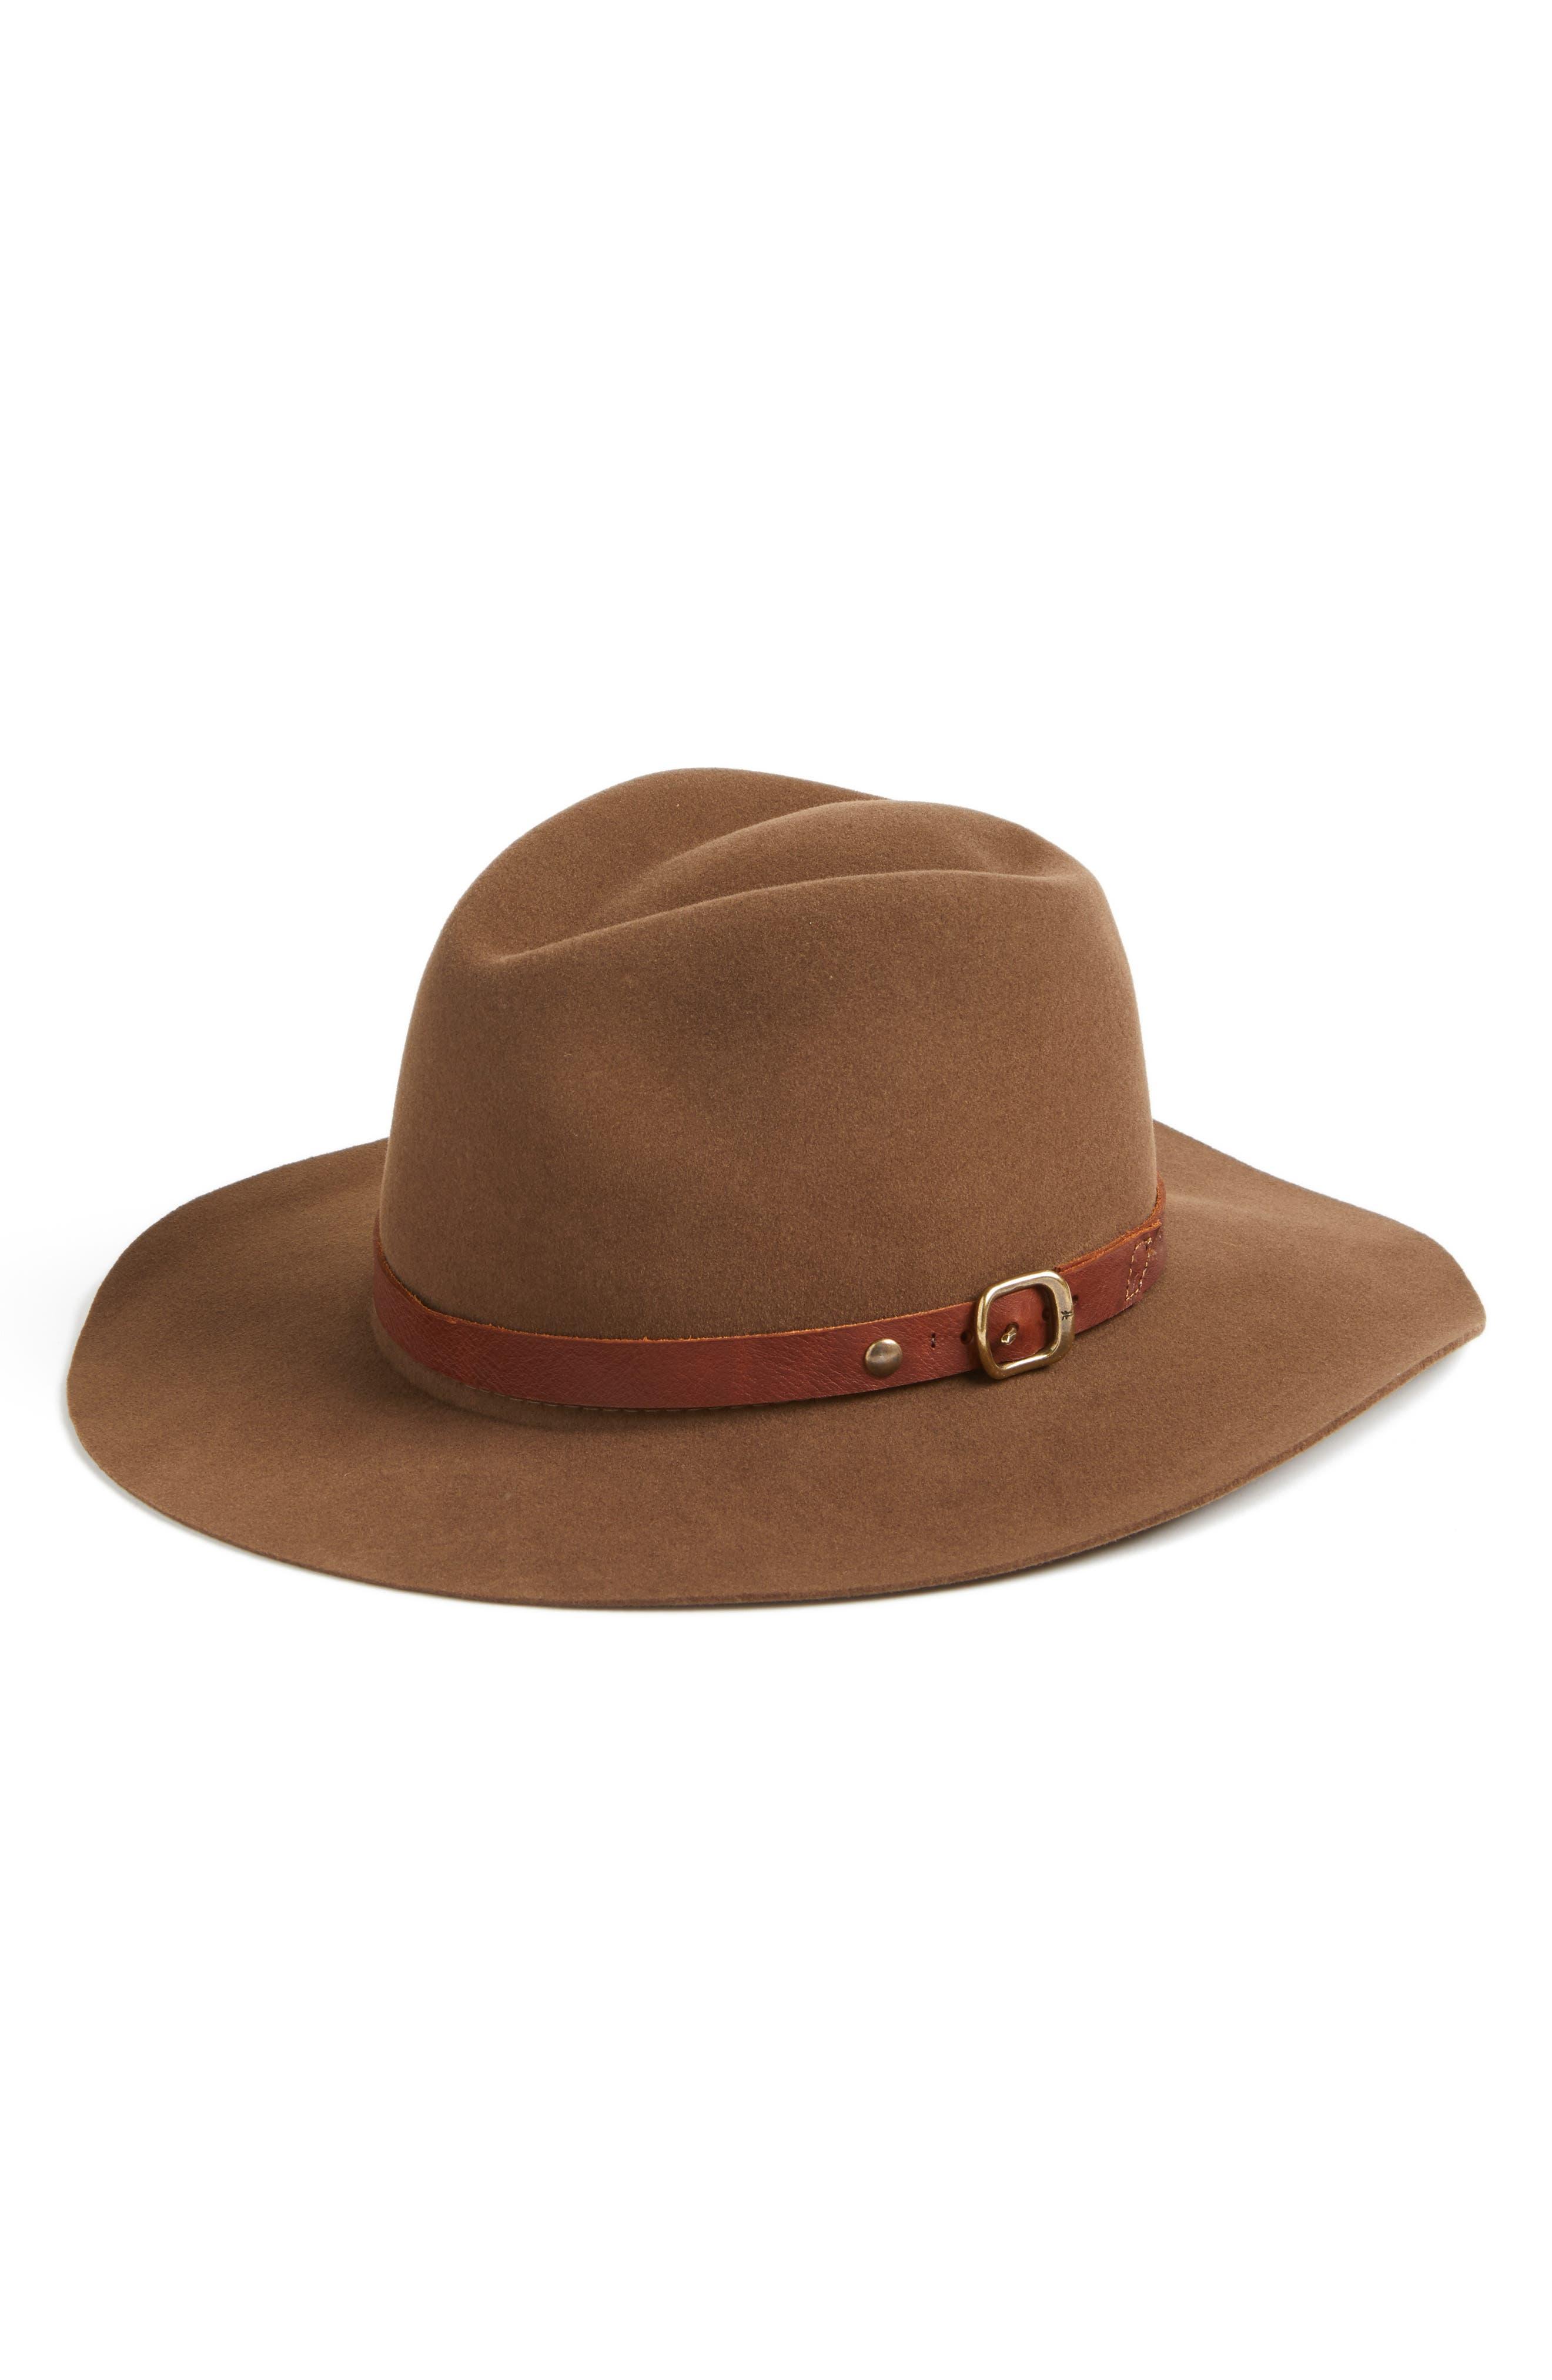 Image result for nordstrom wool hat